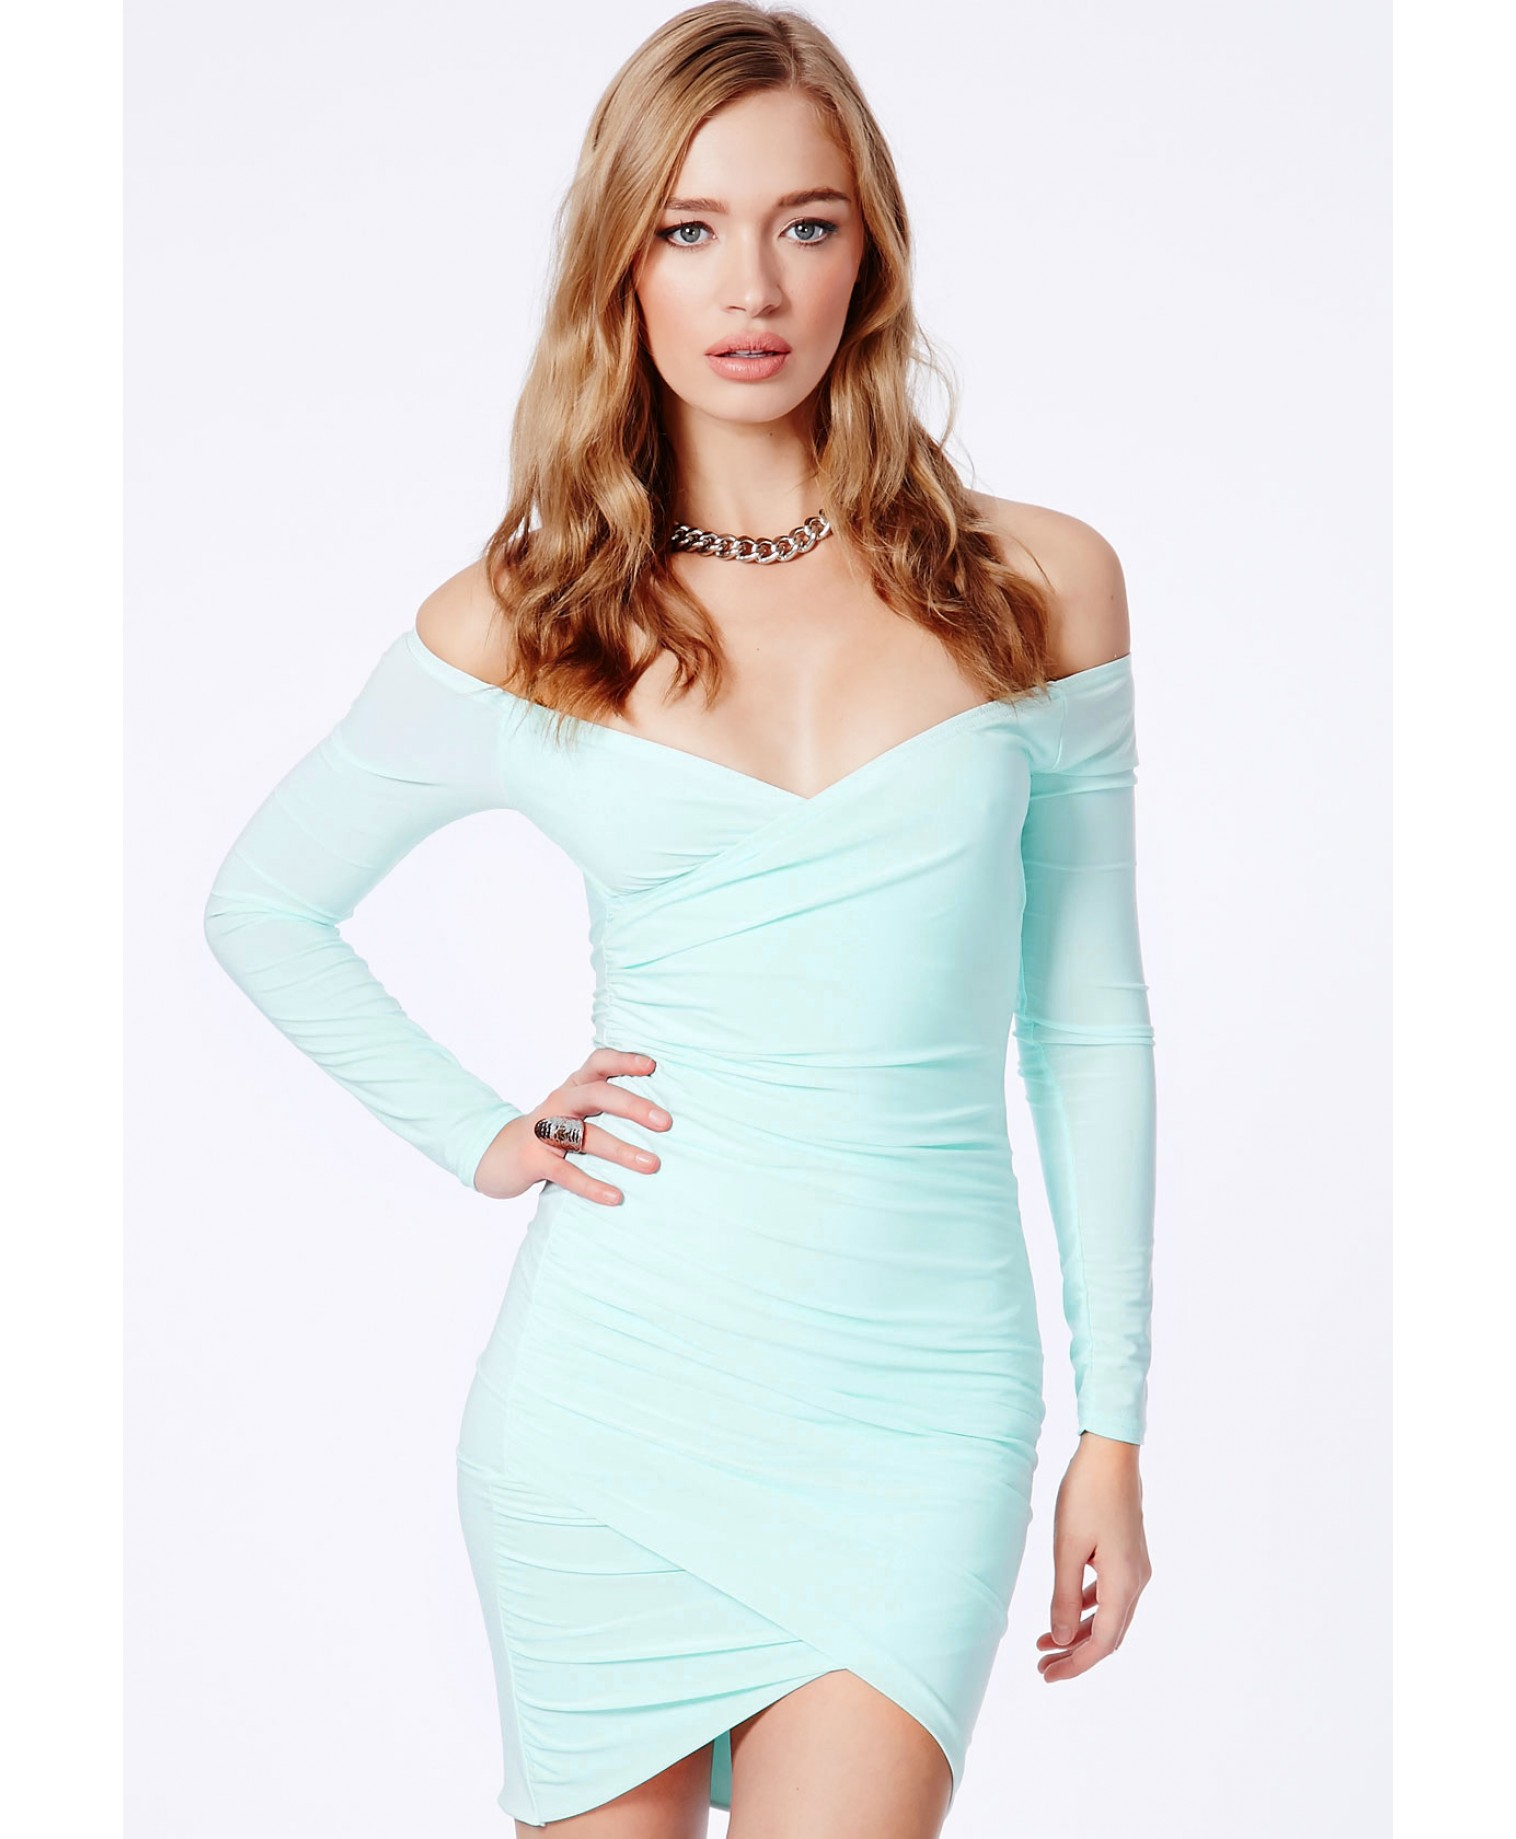 Missguided Lizzy Slinky Bardot Wrap Bodycon Dress In Mint